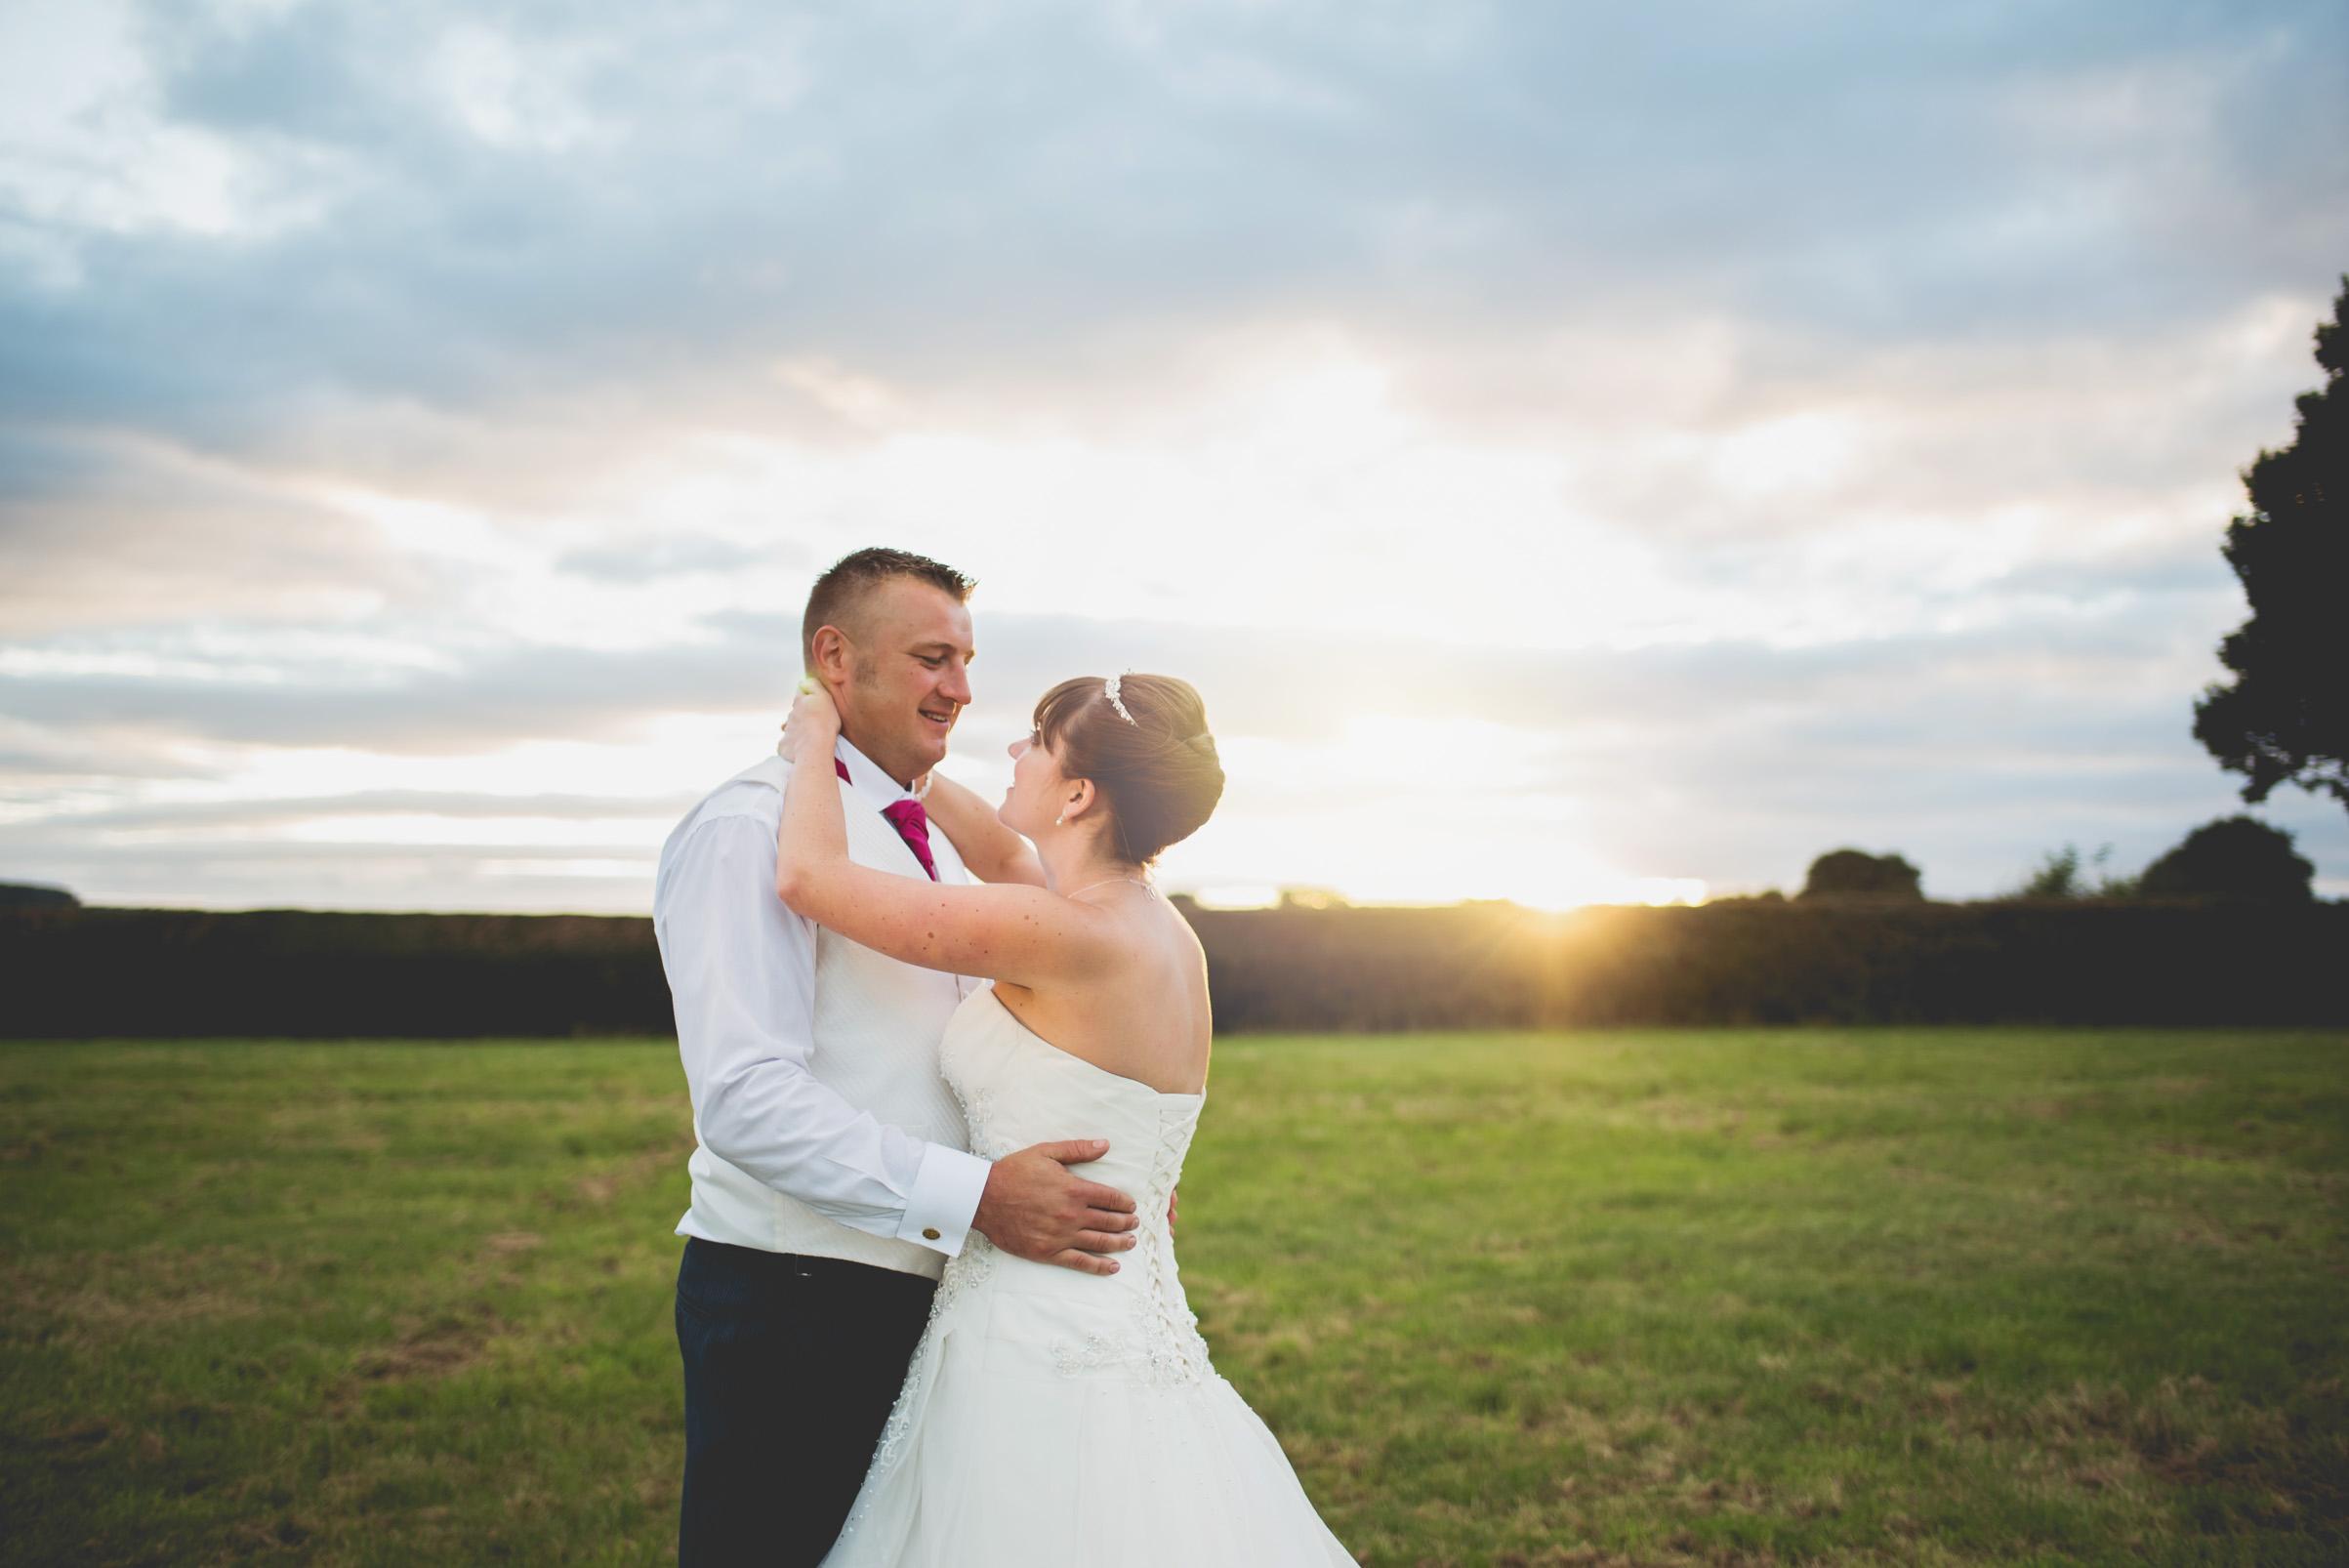 Farm-wedding-staffordshire-st-marys-catholic-church-uttoxter-118.jpg